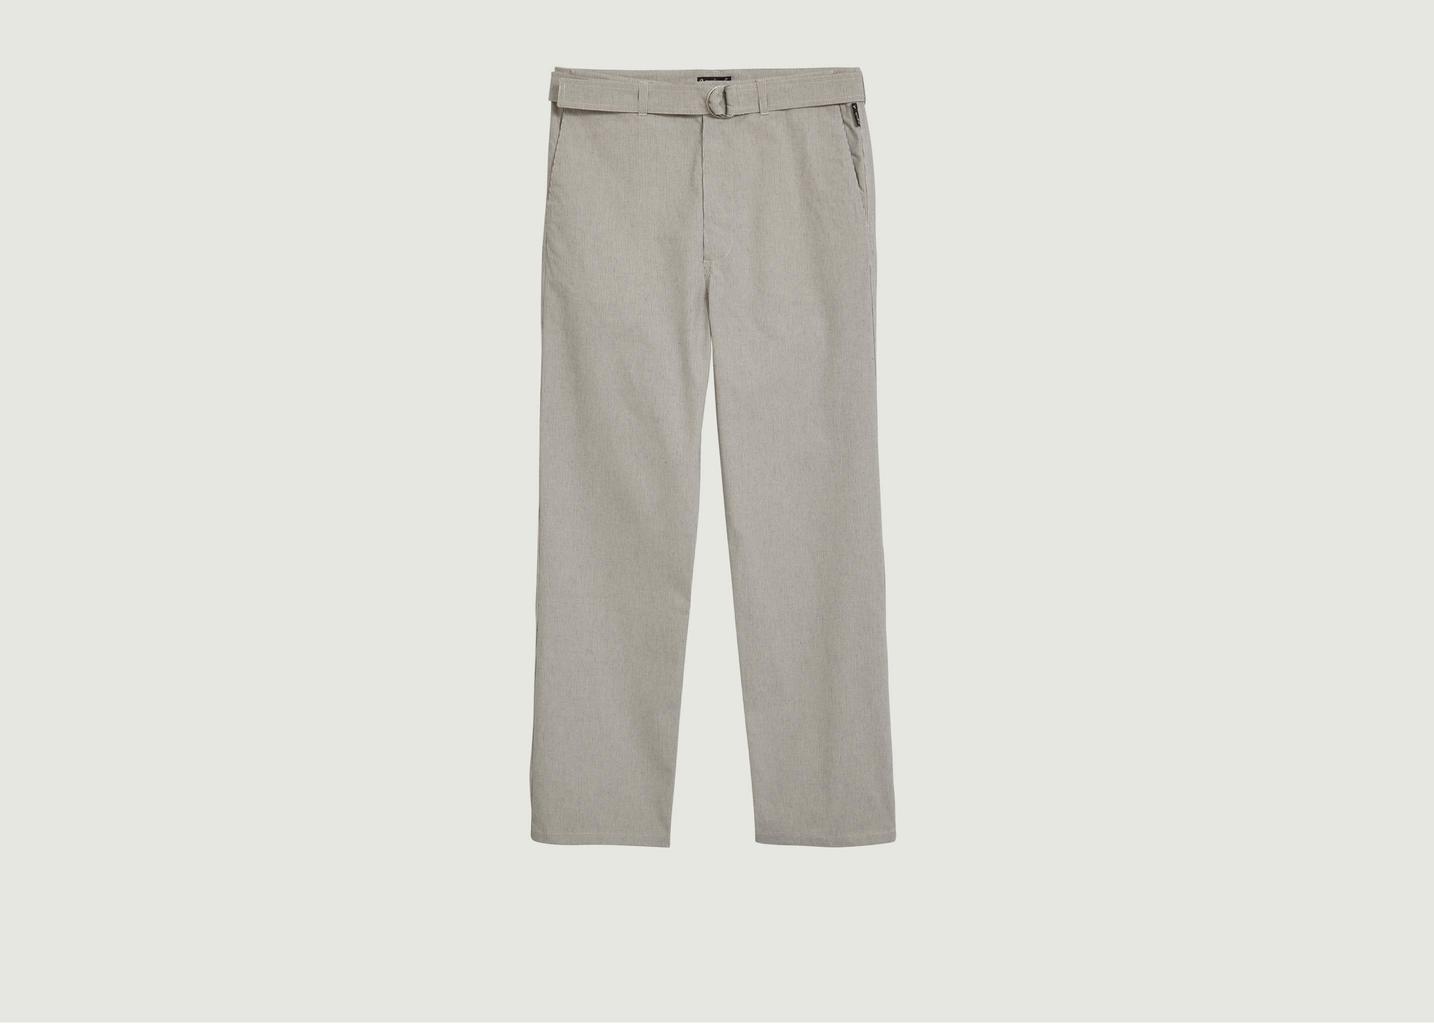 Pantalon Armand à ceinture boucle  - agnès b.